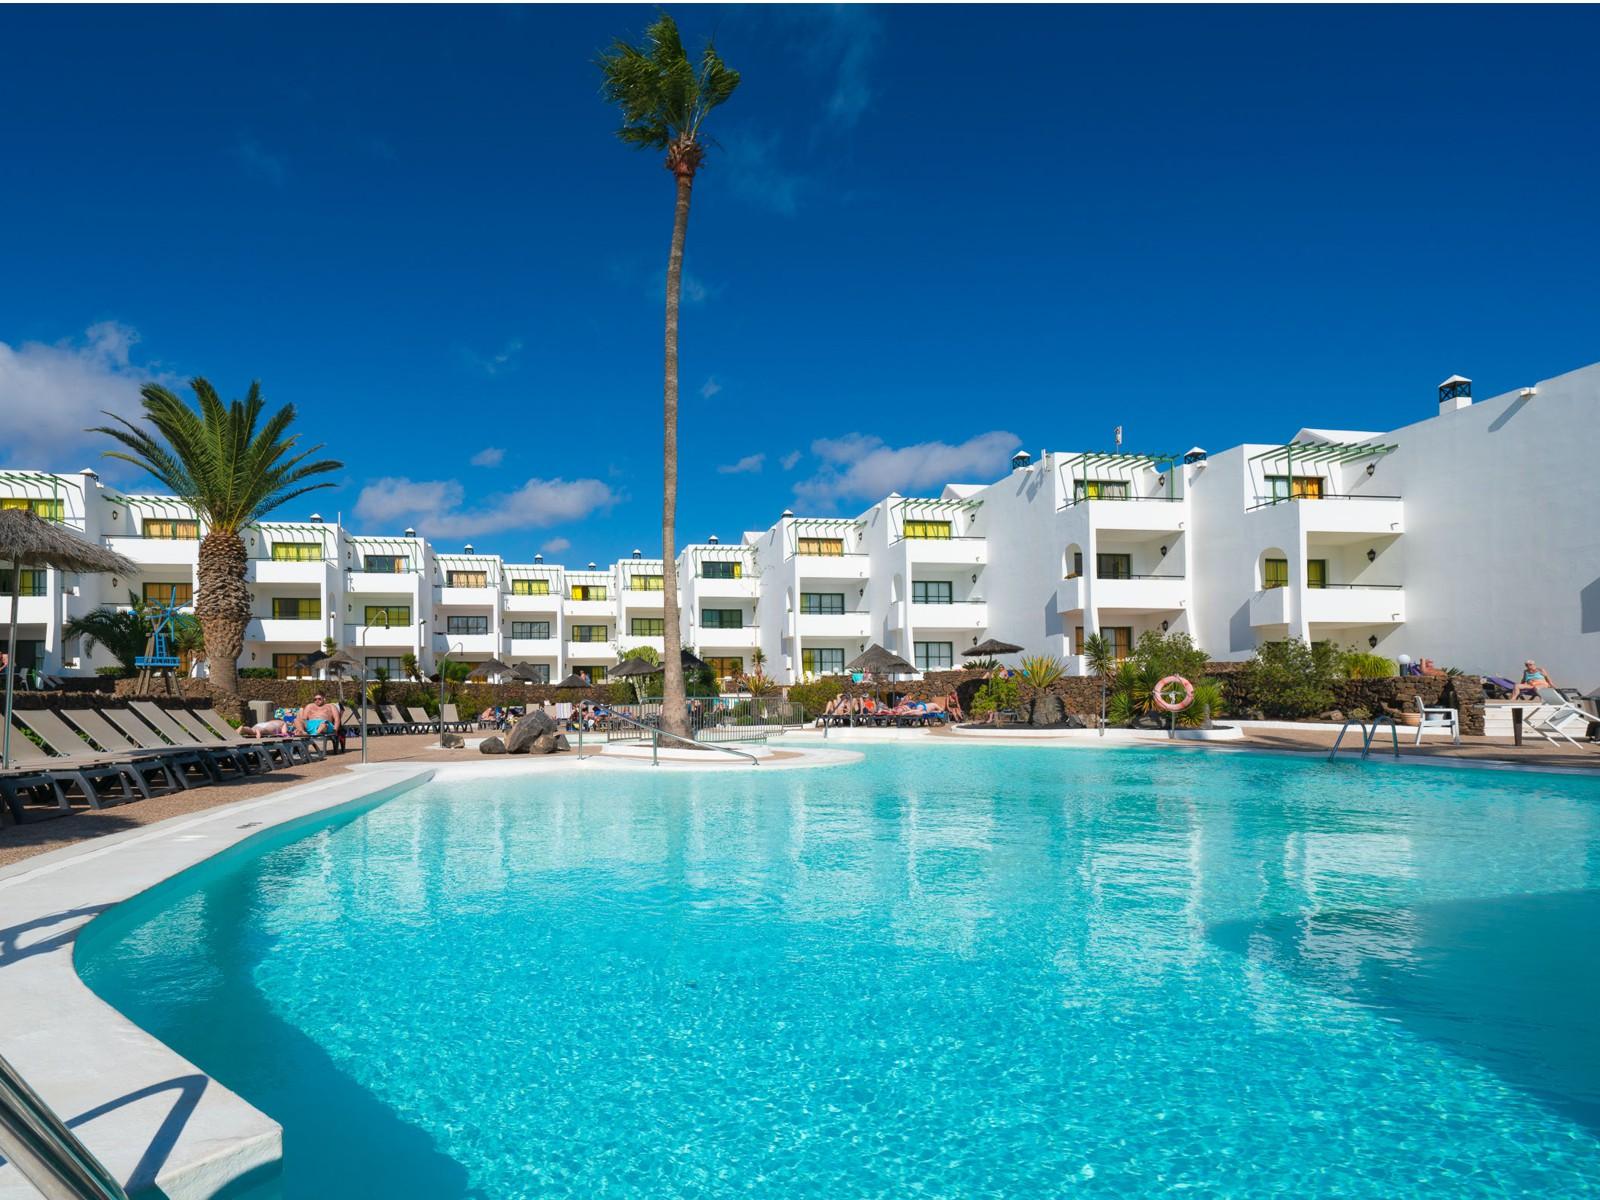 Photo Gallery | Club Siroco Apartments - Lanzarote